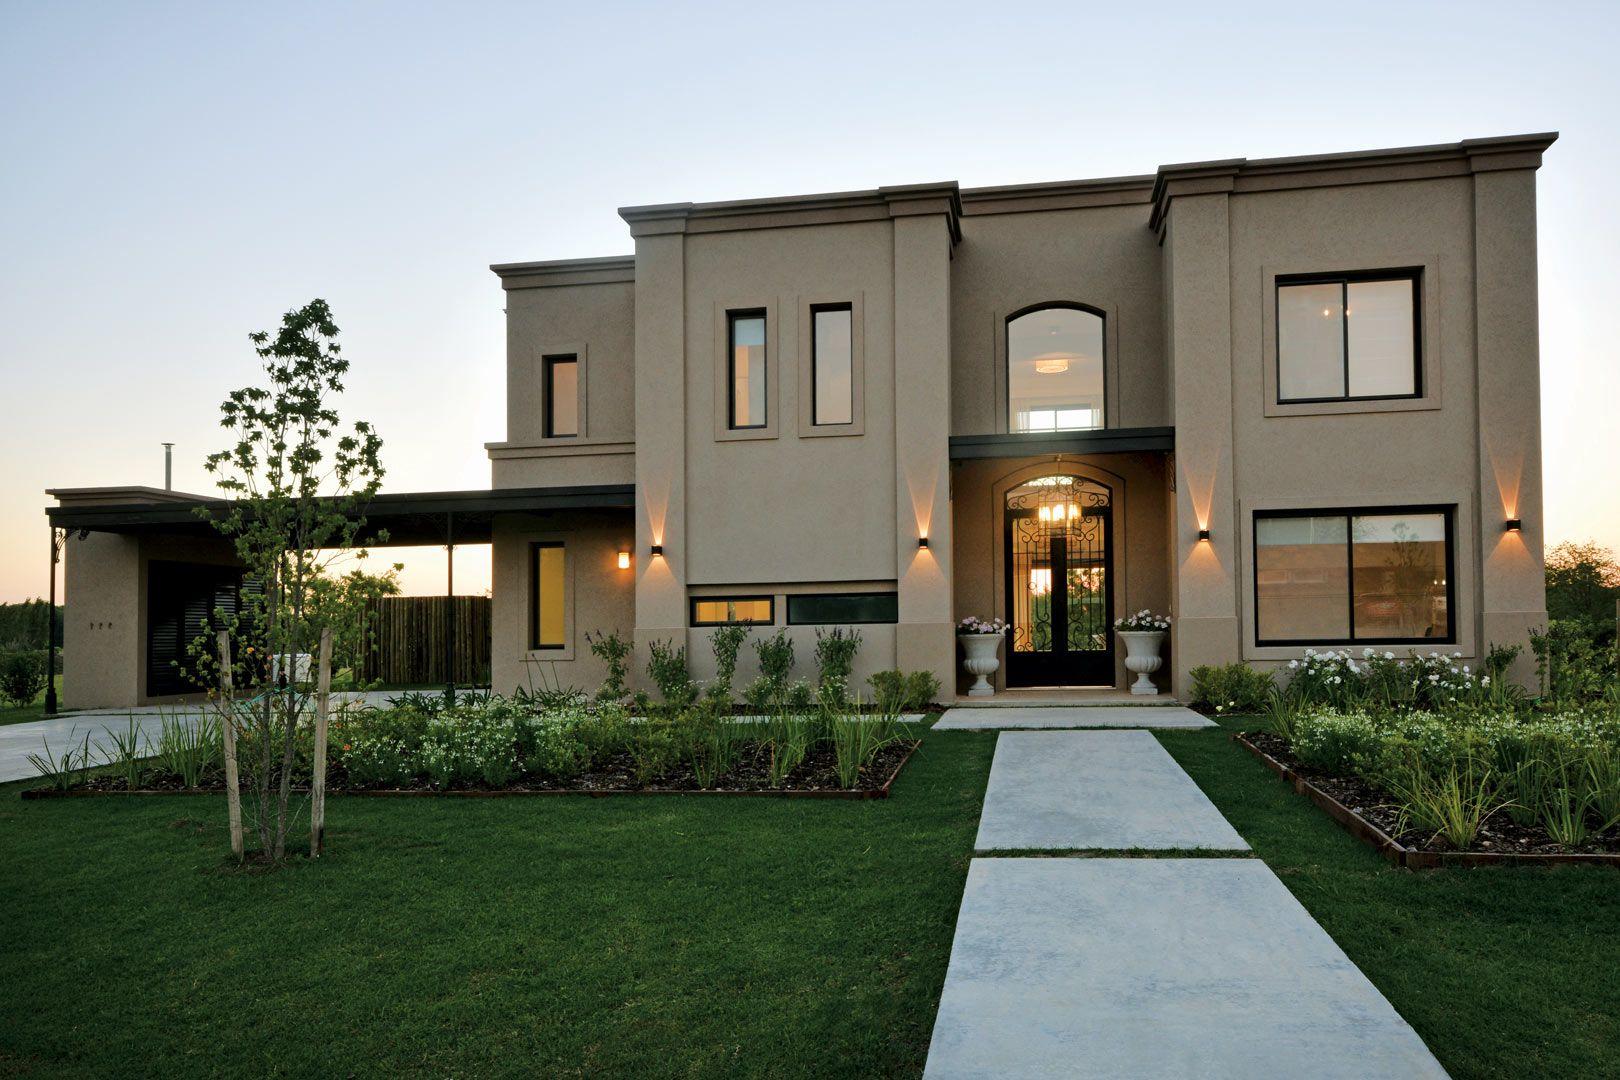 Marcela parrado arquitectura casa 15 en 2019 dise o for Arquitectura y diseno de casas modernas